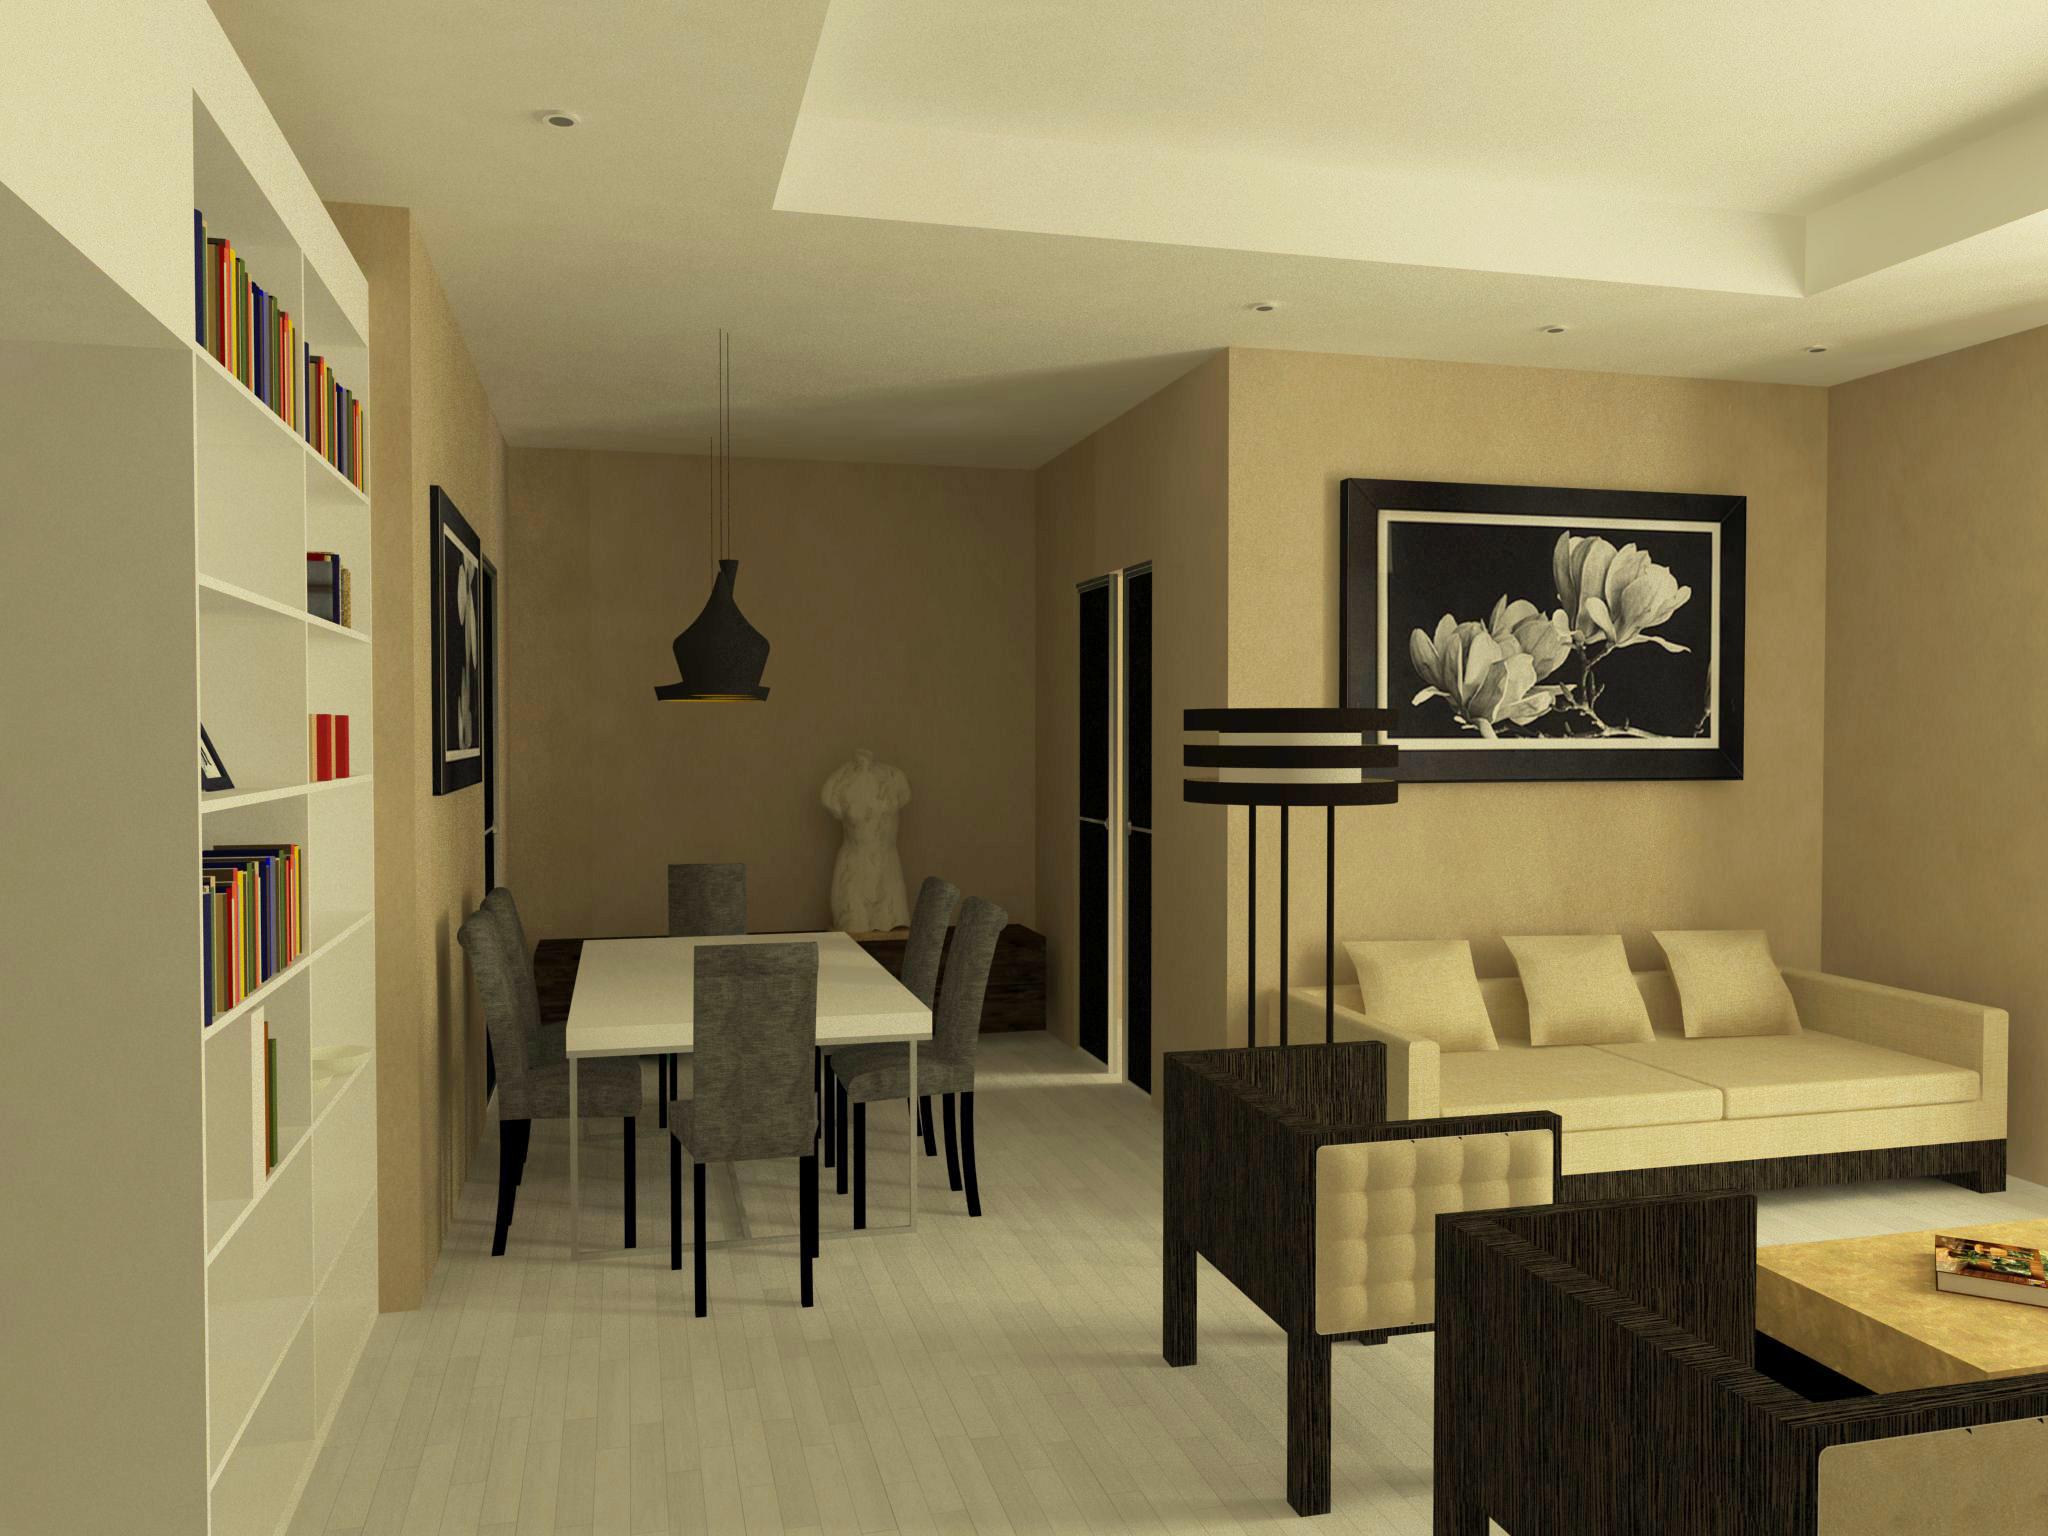 15 idee per ristrutturare un appartamento da cima a fondo